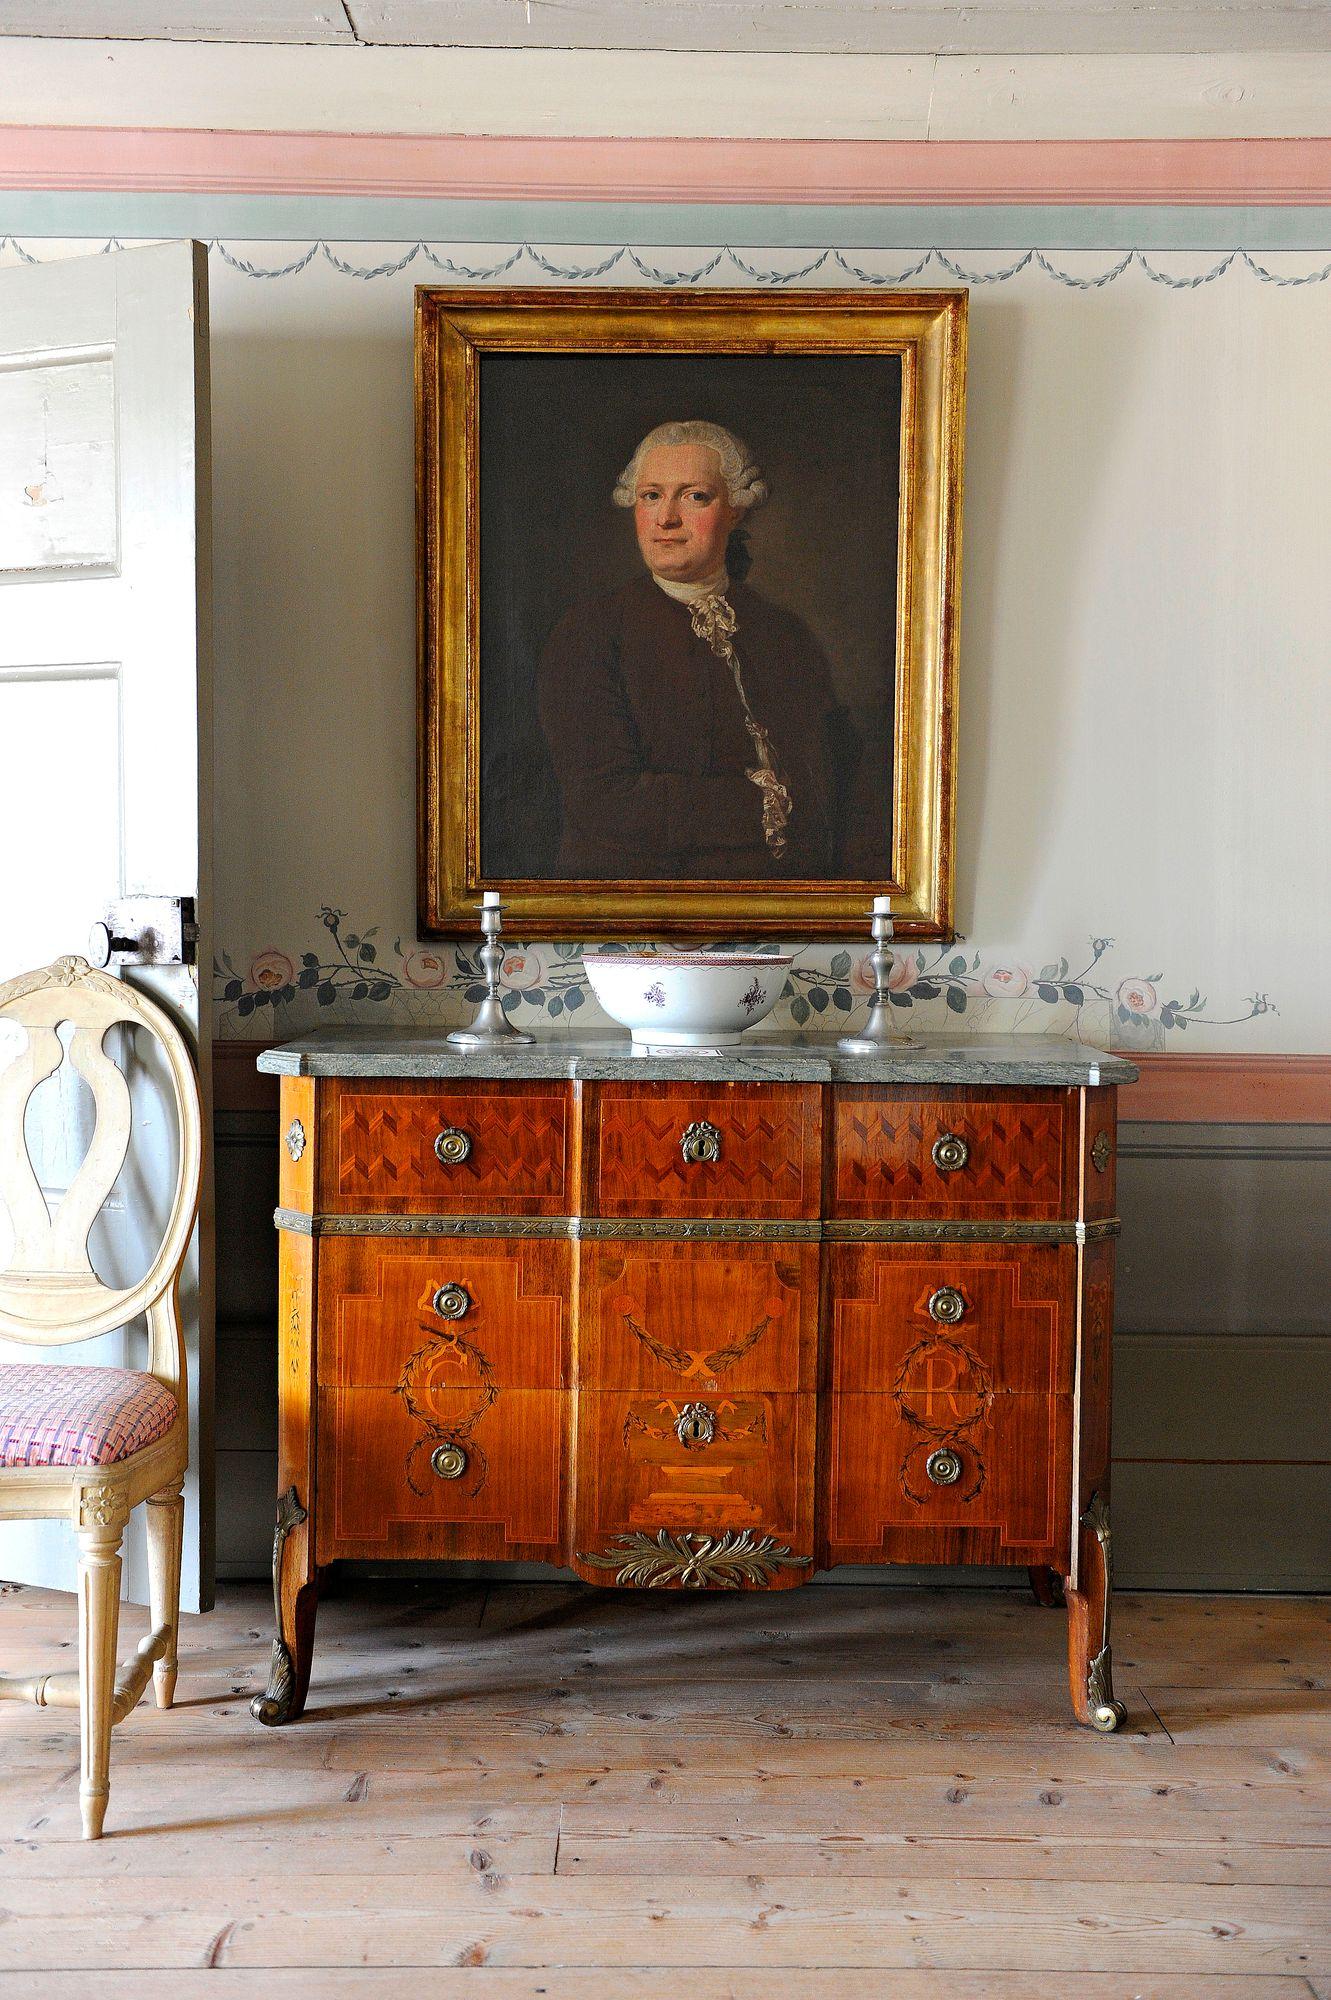 Kauppiasperheiden vauraus 1700–1800-luvuilla näkyy Lebellin kauppiaantalon museossa. © Harri Vaskimo